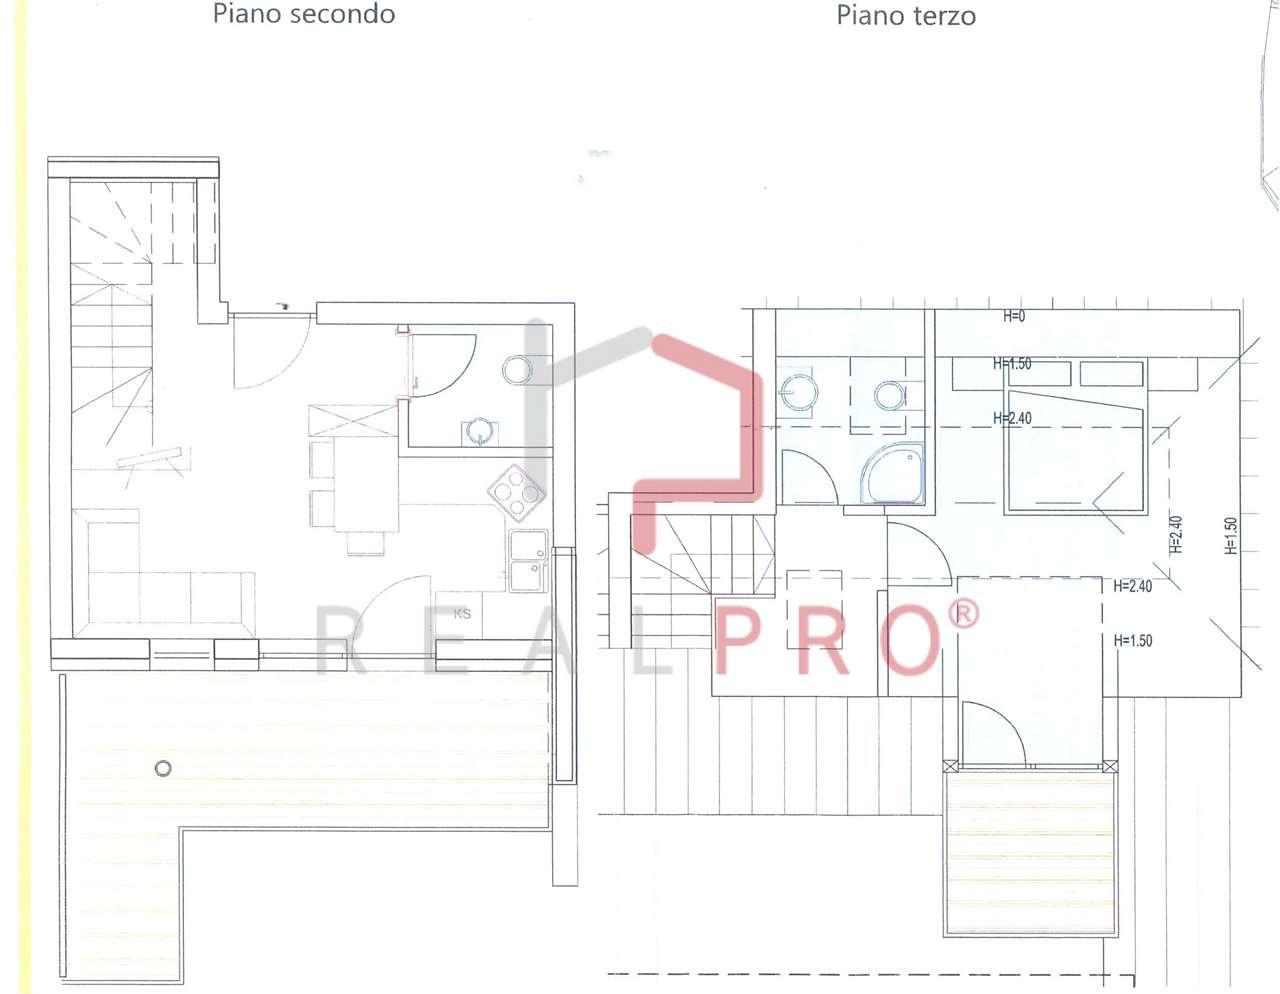 Appartamento in vendita a Villabassa, 3 locali, zona Località: Villabassa, prezzo € 385.000 | CambioCasa.it